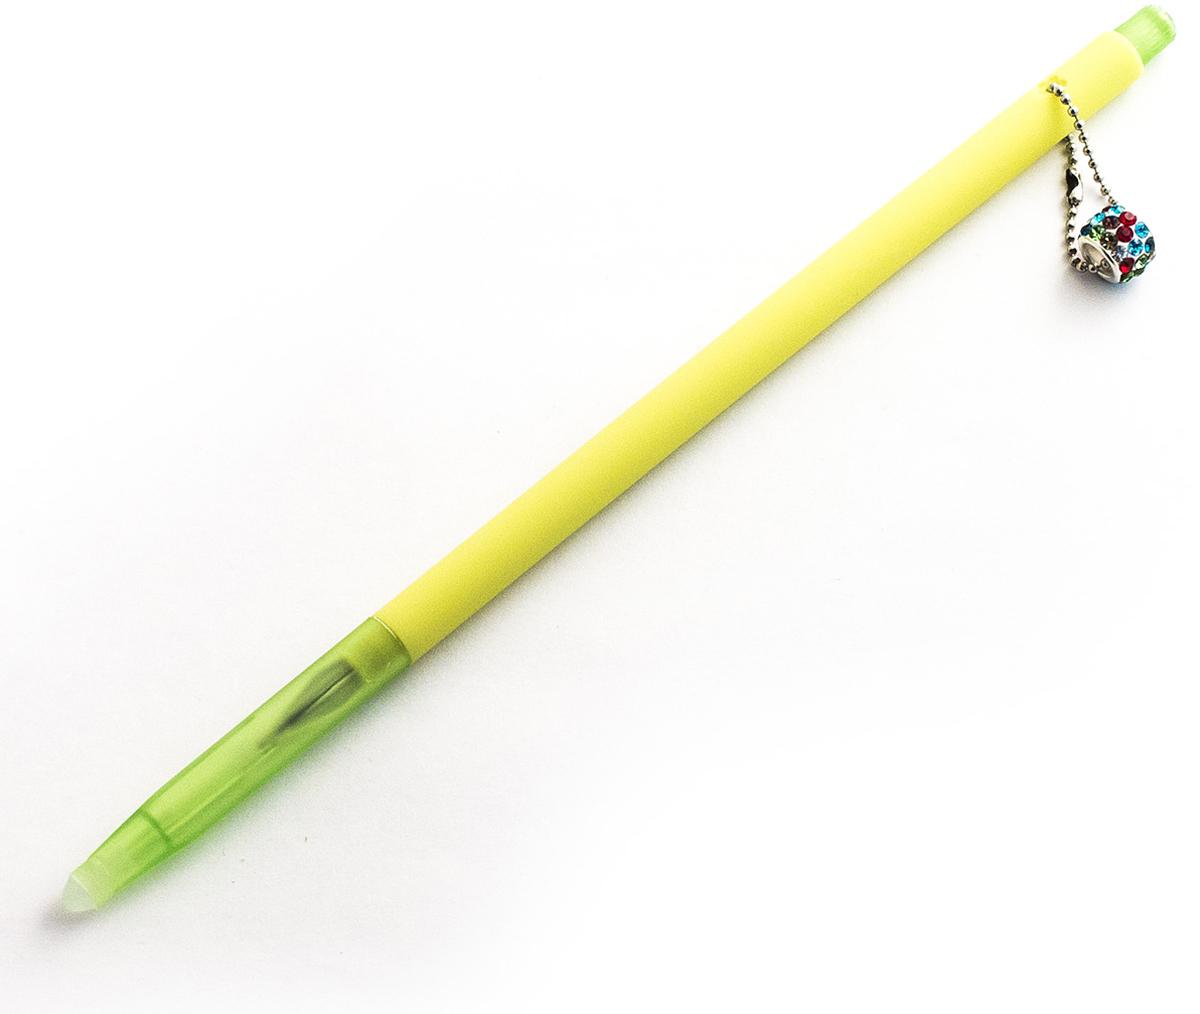 Эврика Ручка гелевая Кольцо №1 с подвеской цвет корпуса салатовый98542Зря говорят, что написанное пером не вырубишь топором. Колпачок нашей ручки снабжен небольшим ластиком для стирания чернил. Поэтому исправить свою ошибку теперь проще простого. Изящная ручка с яркой и модной подвеской загипнотизирует любительниц гламура, покачиваясь на верхушке письменного прибора во время работы. Стержень гелевый, не сменяемый, цвет чернил - синий черный.Материал: пластик.Упаковка: индивидуальный слюдяной пакет.Вес: 10 граммов.